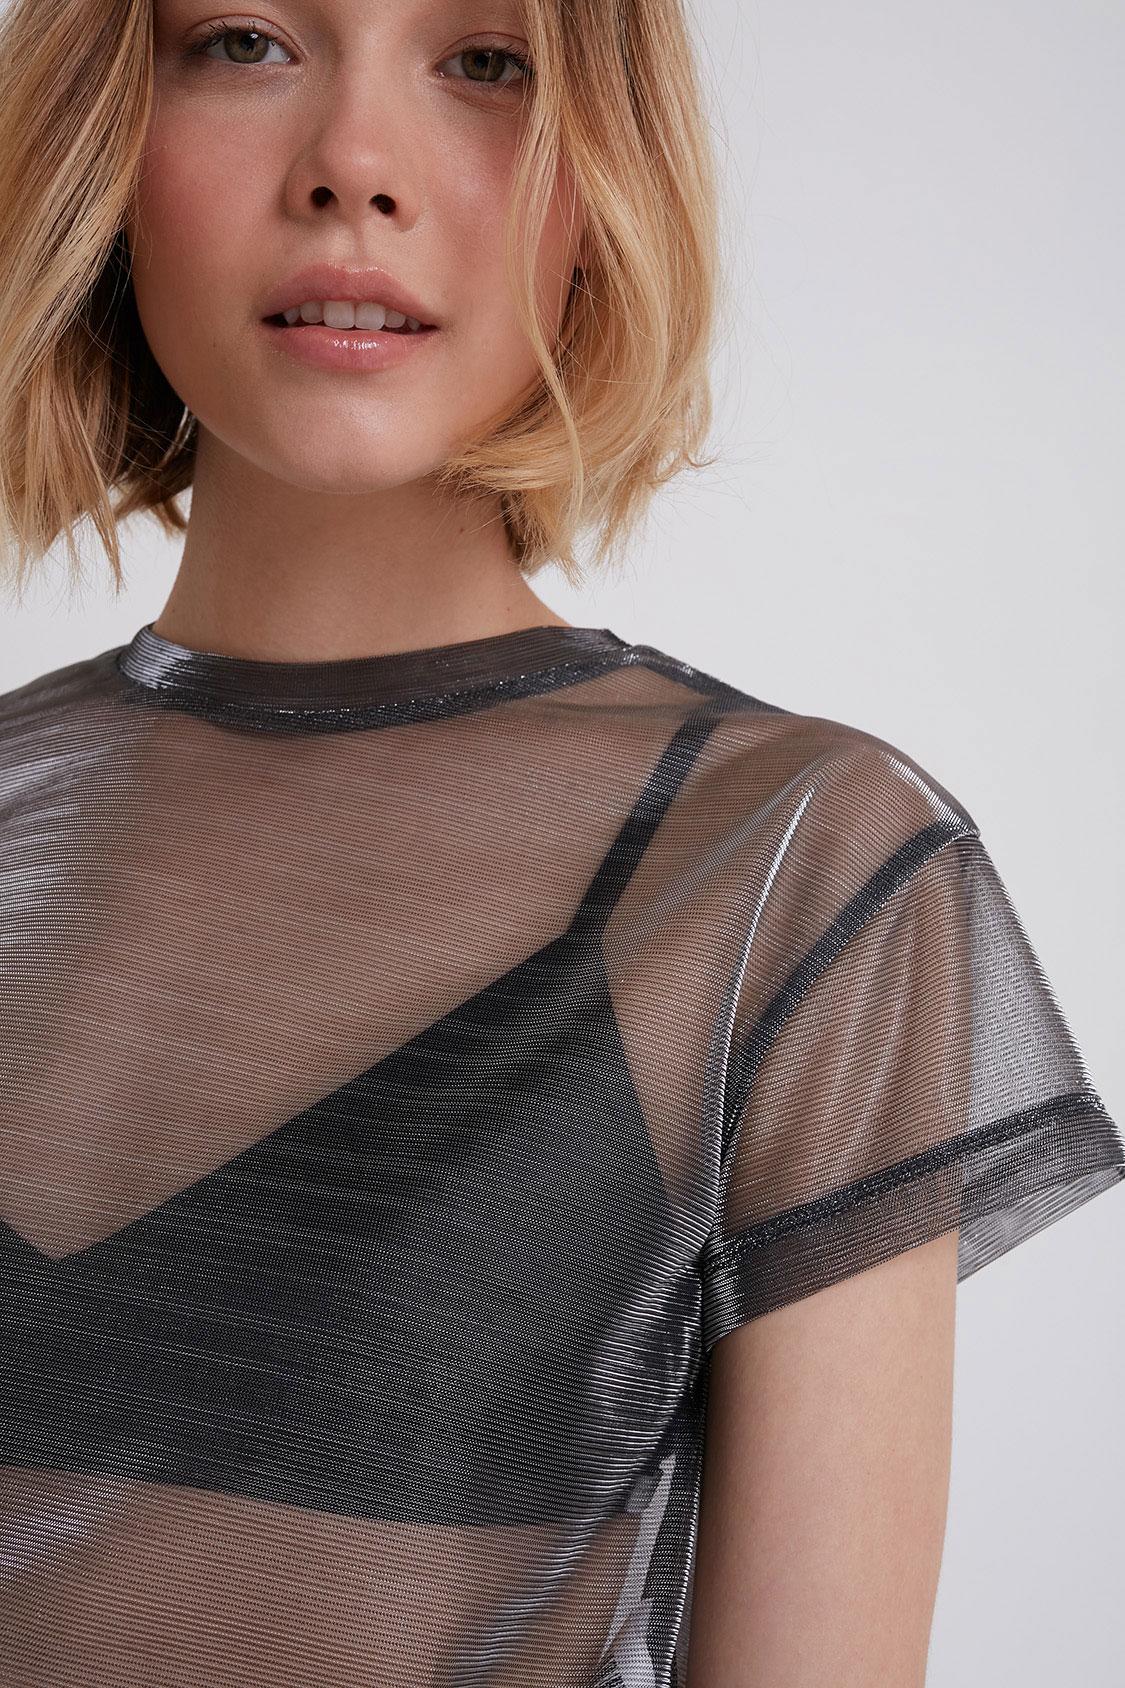 Camiseta metálica transparente